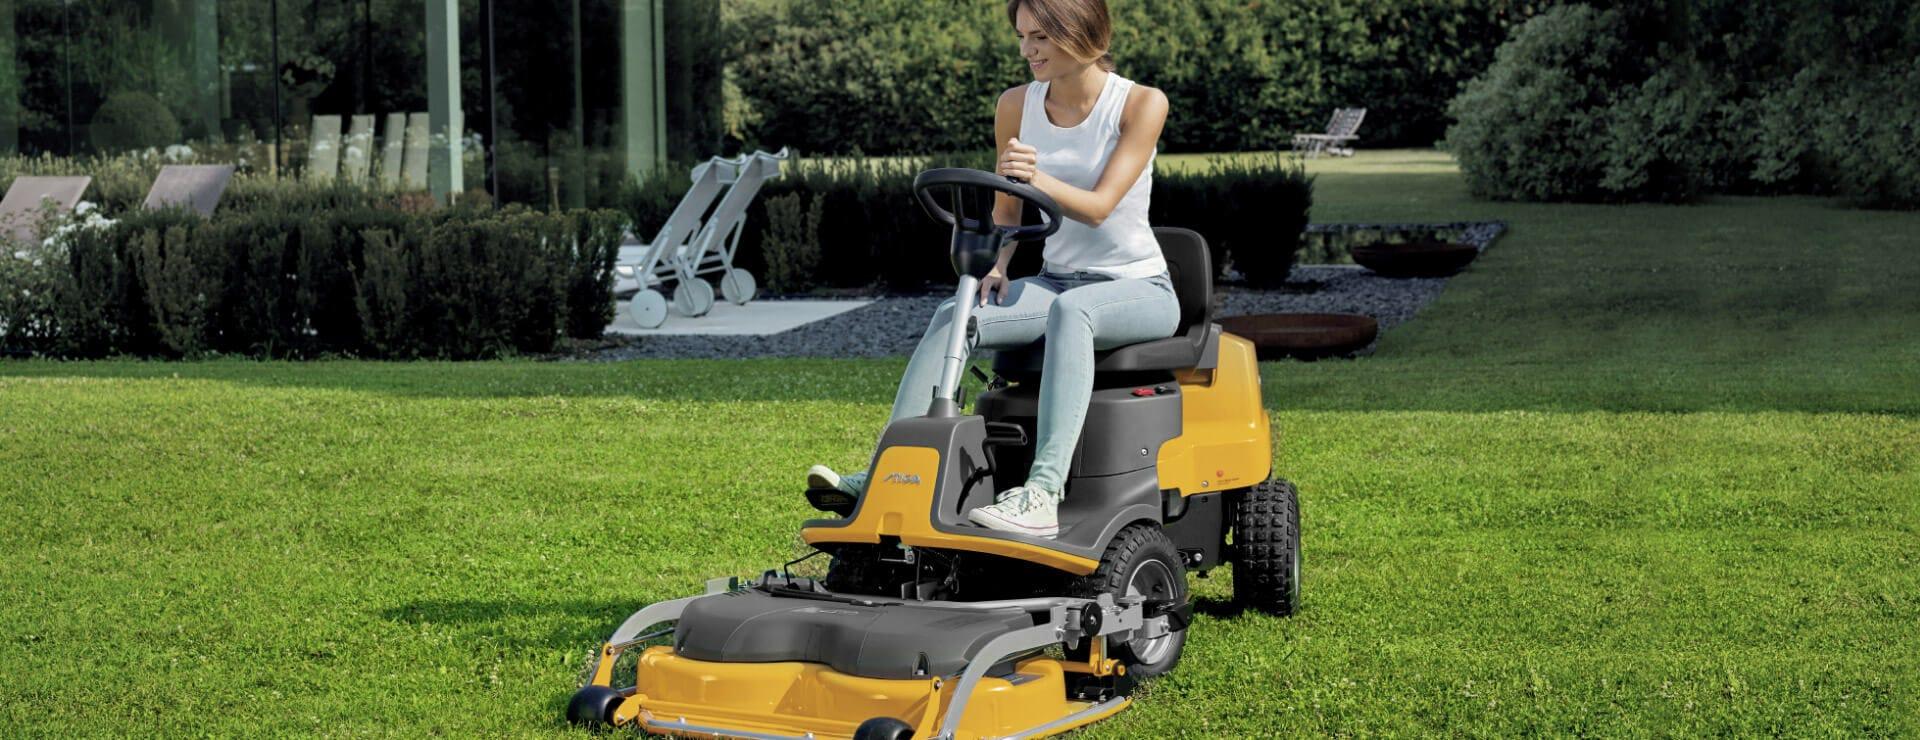 stiga park 220 front mower